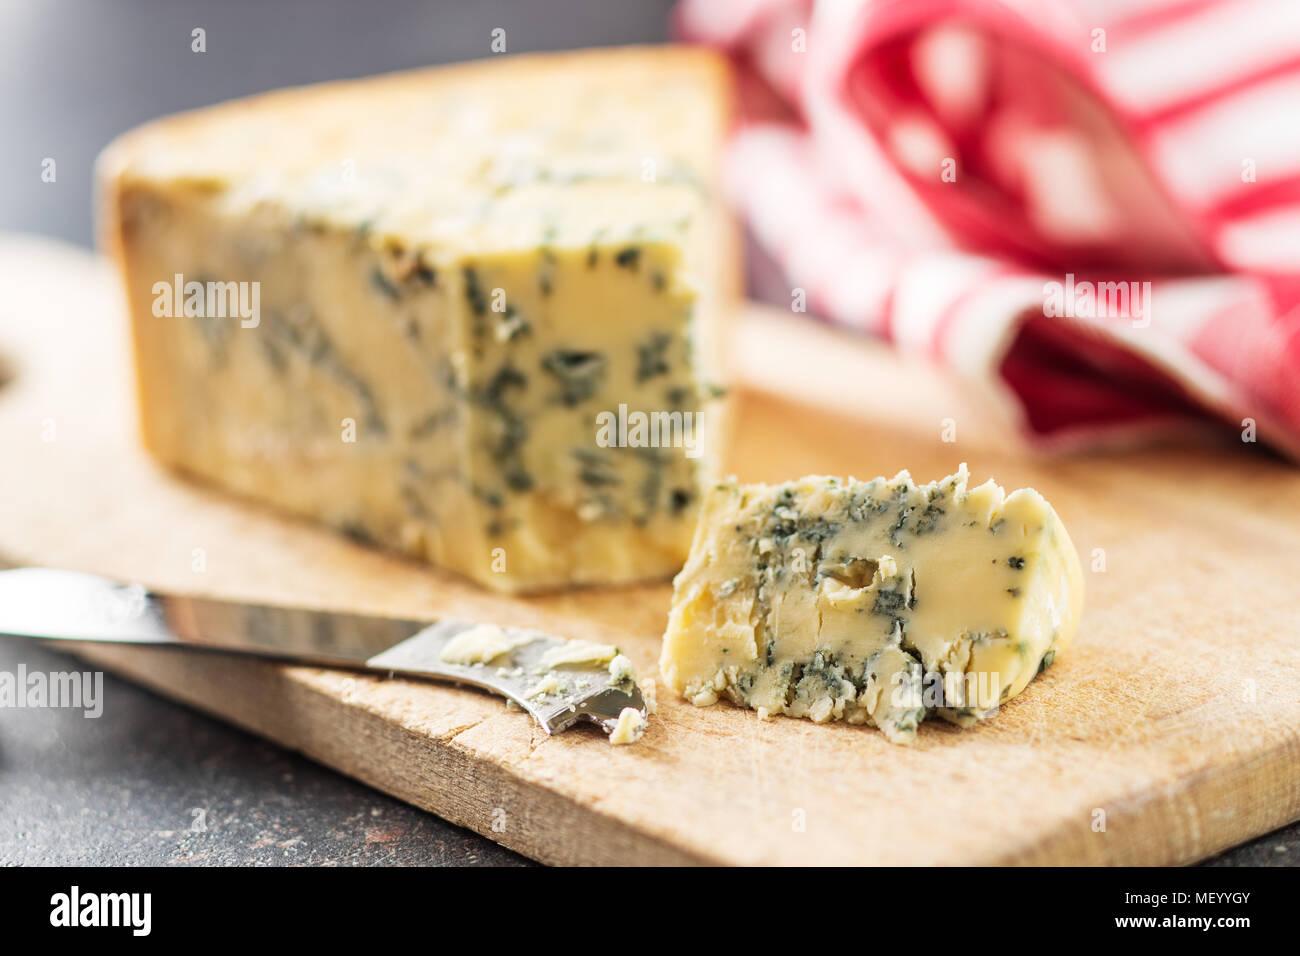 Sabroso queso azul en la tabla de cortar. Imagen De Stock